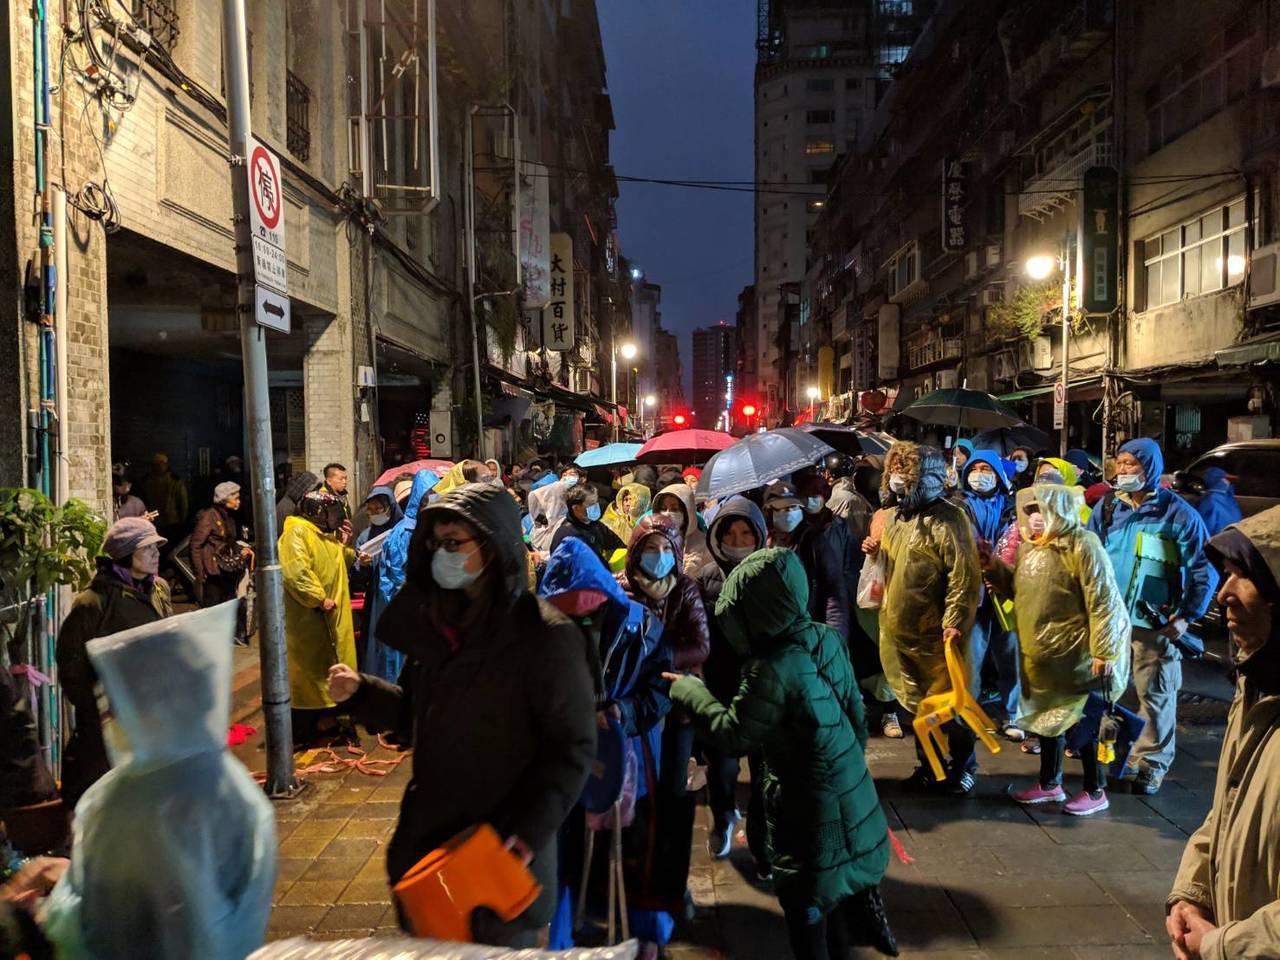 為求來年平安,北市龍山寺每年都出現大批民眾排隊領取點光明燈號碼牌。圖/民眾提供